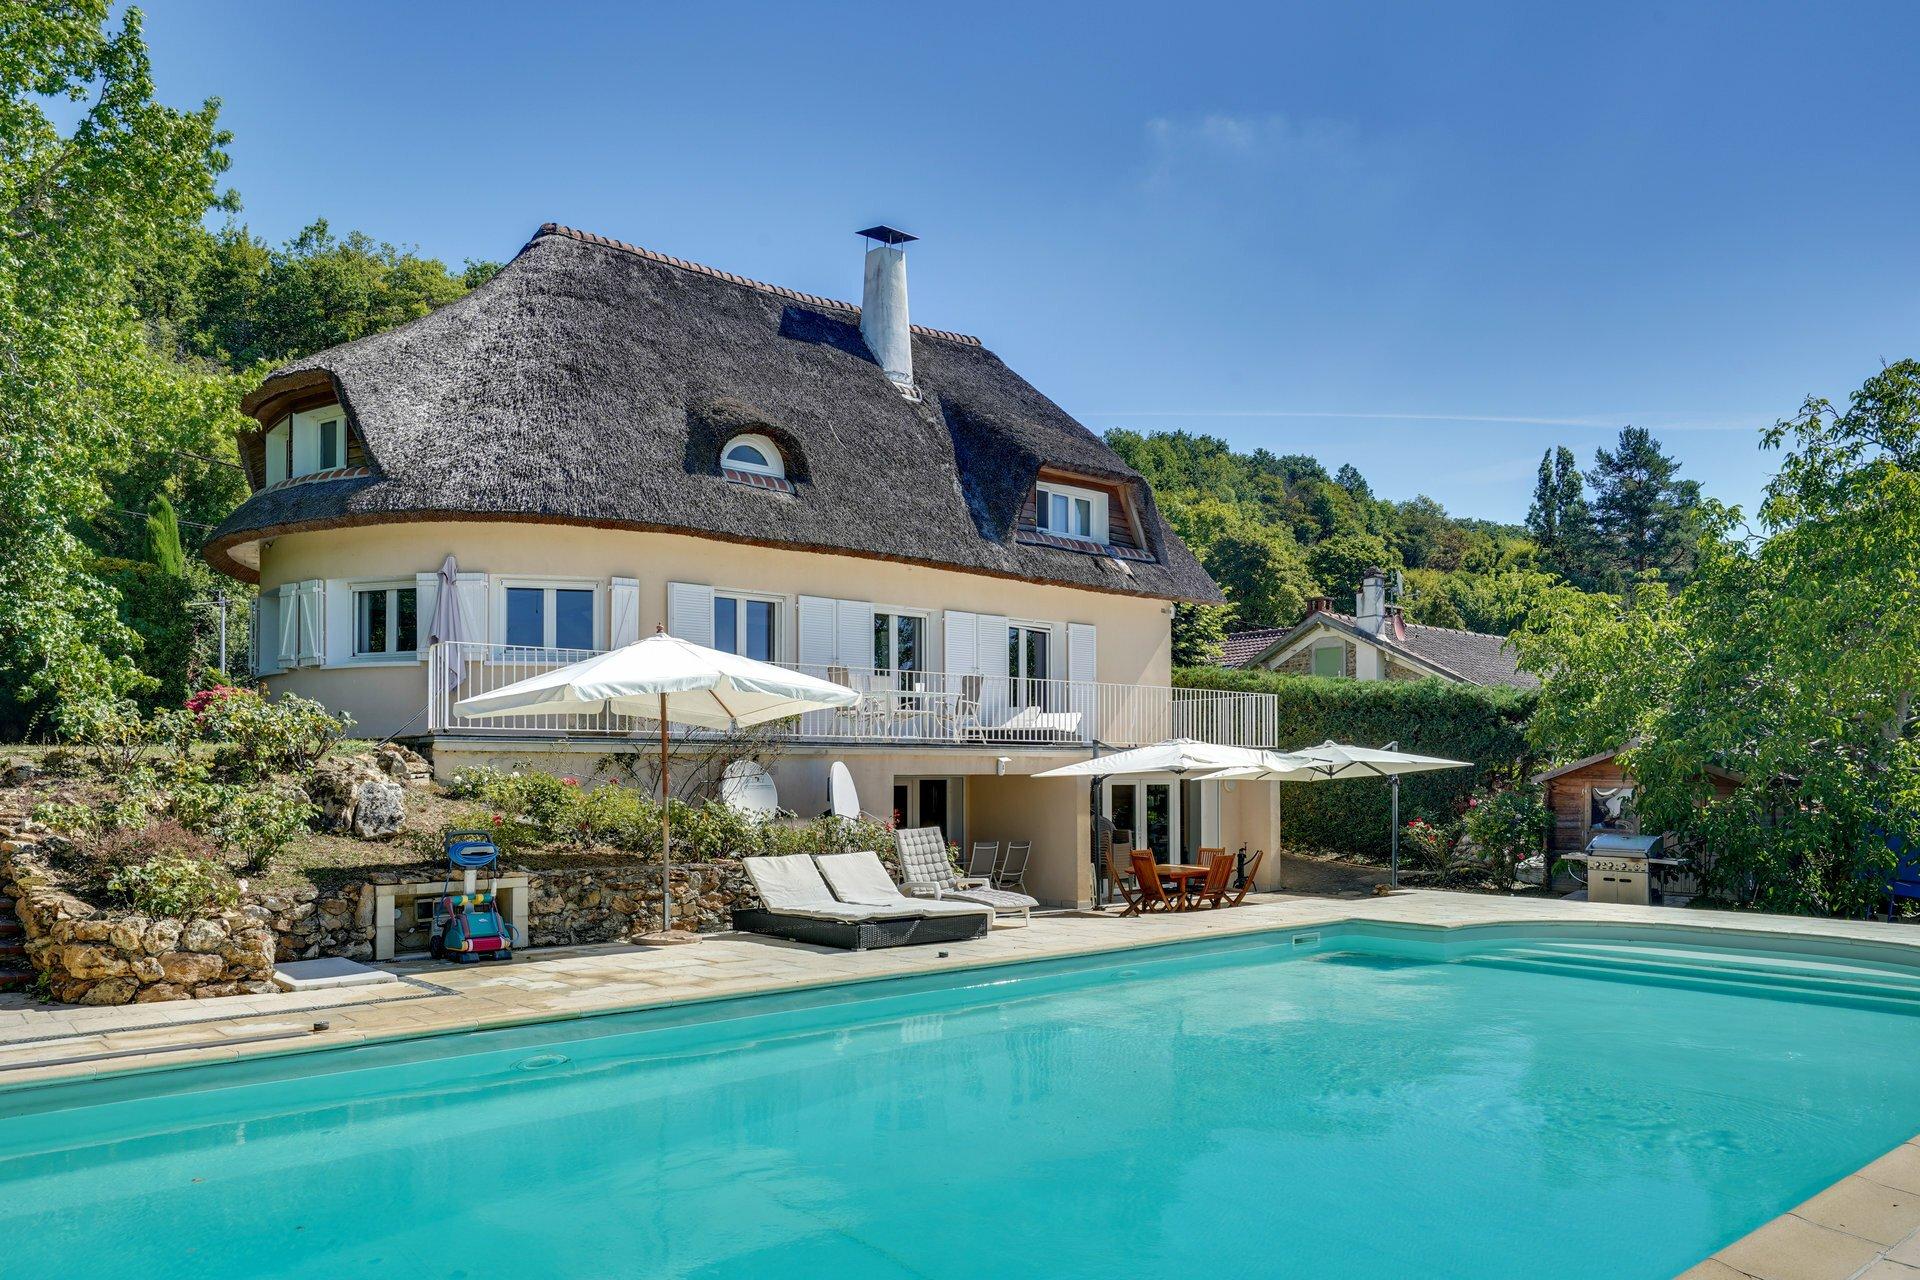 House in Seine-Port, Île-de-France, France 1